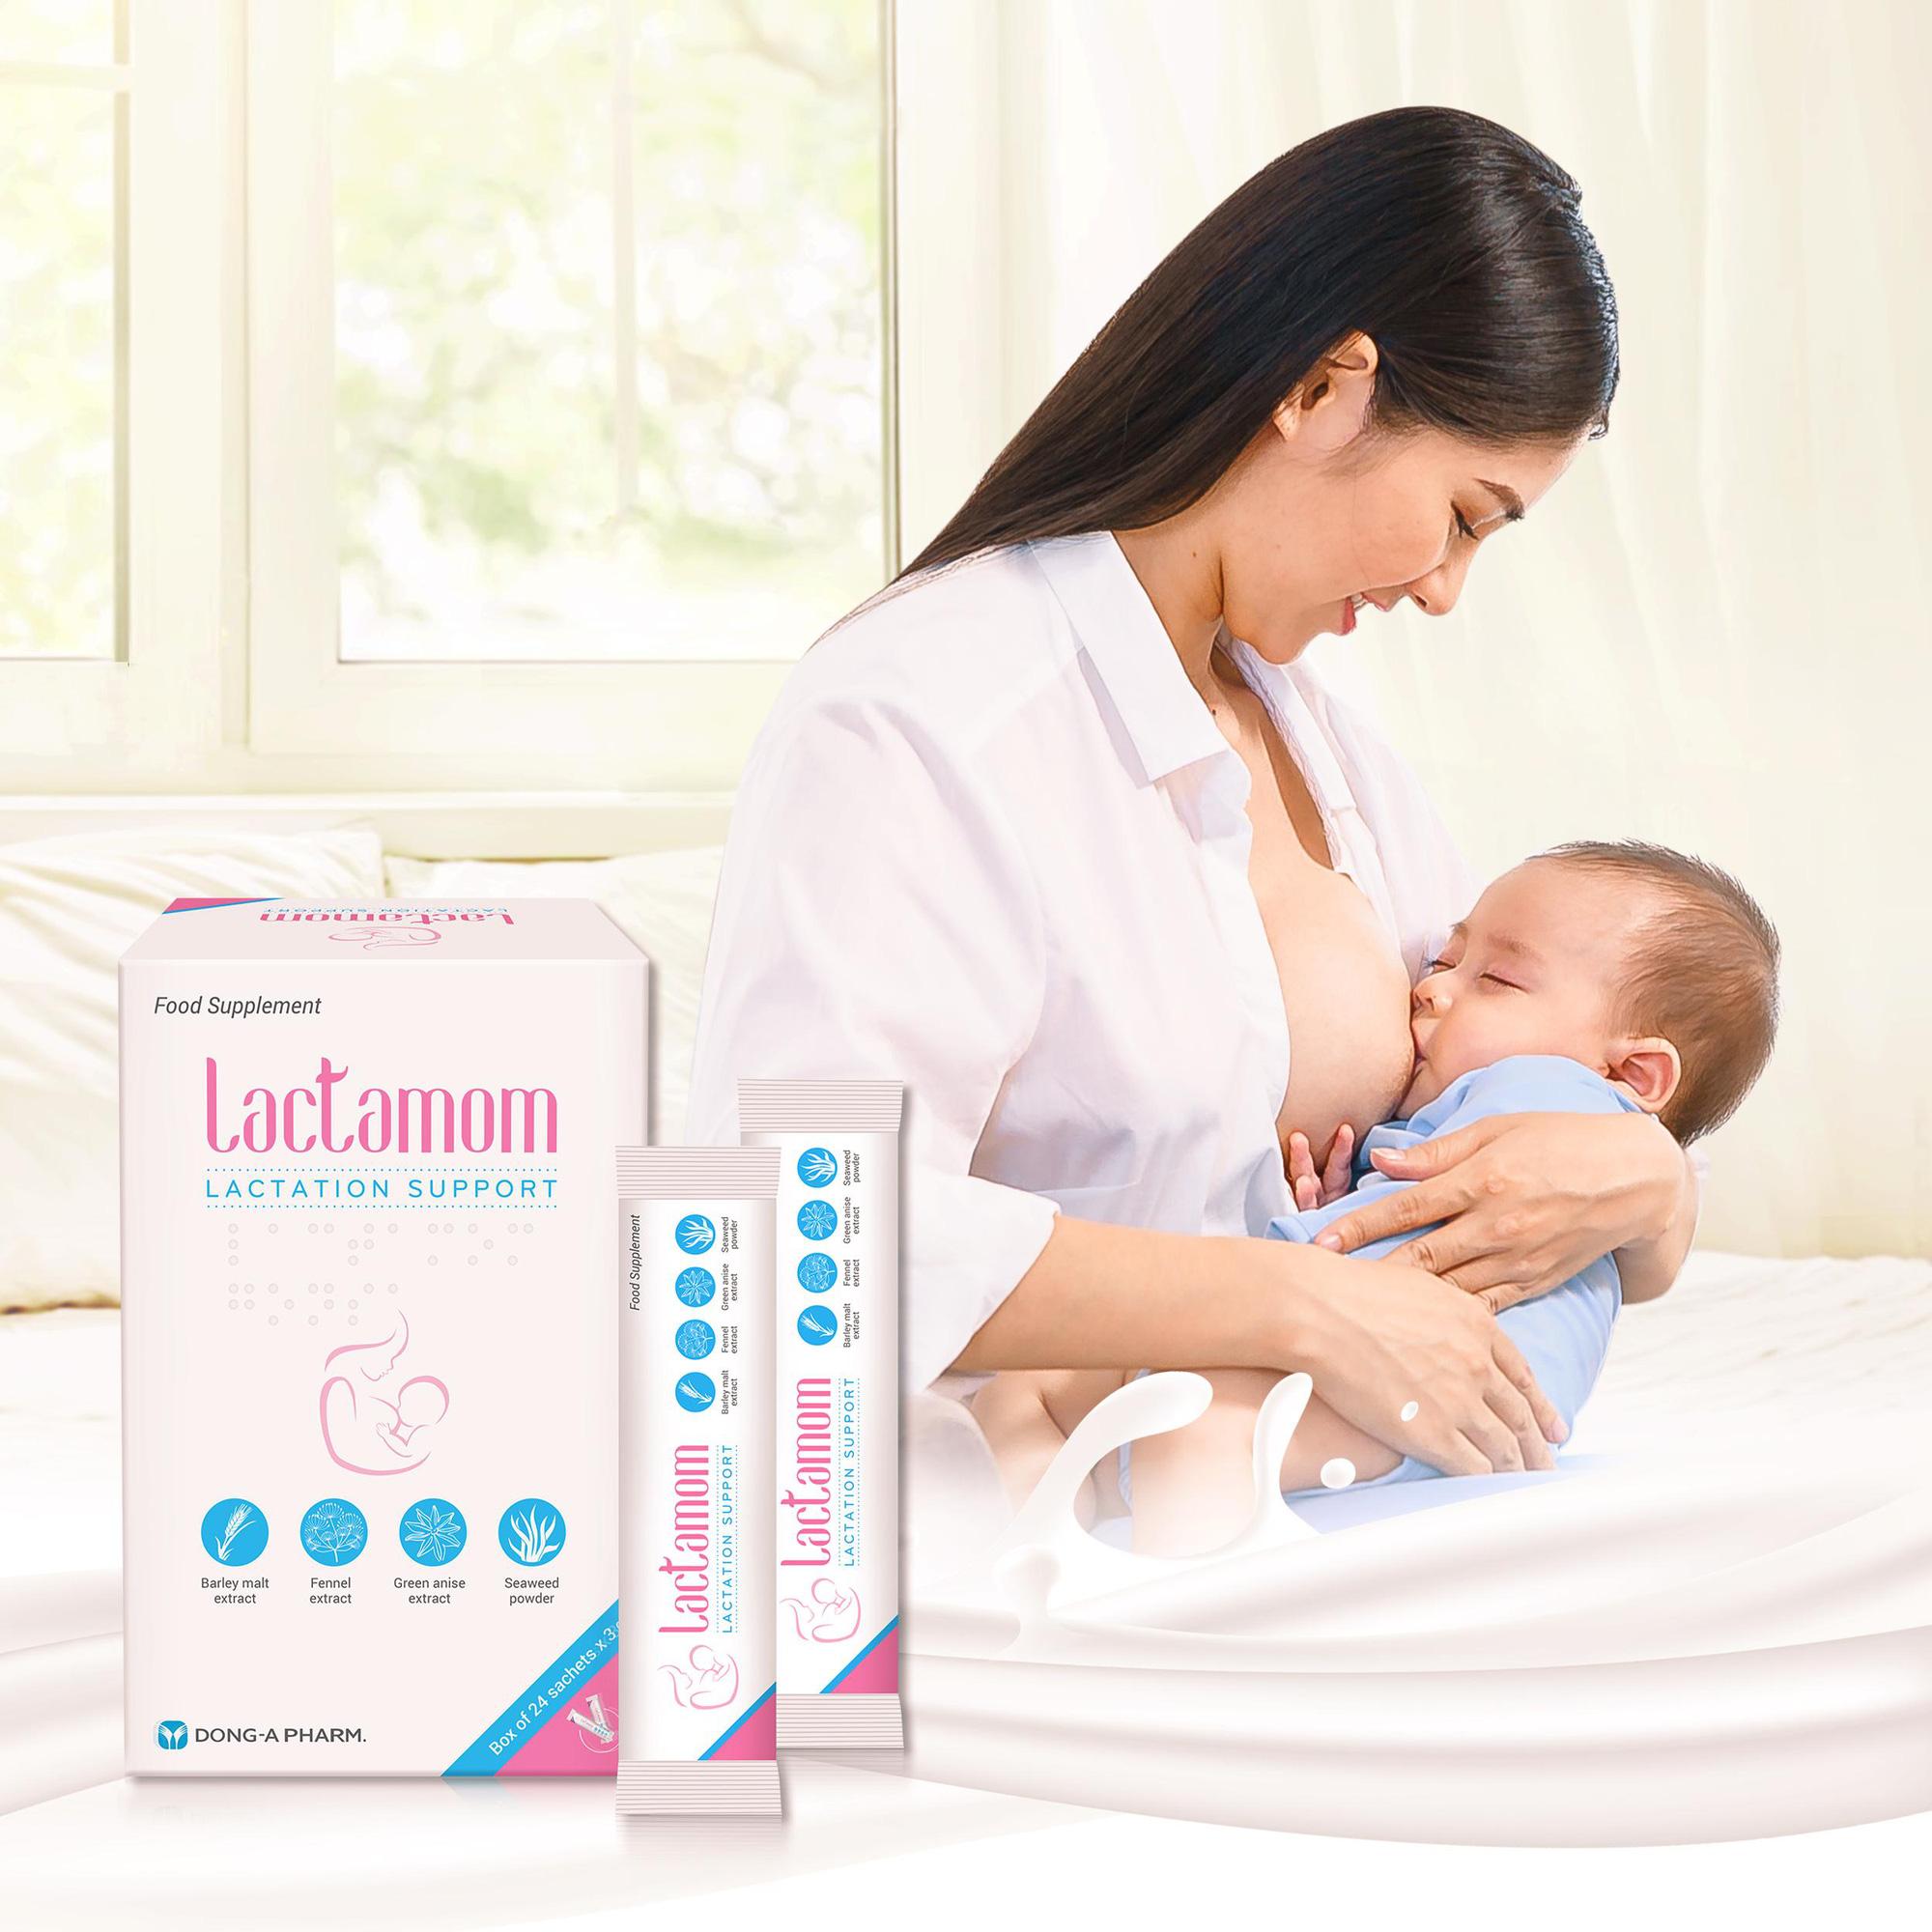 Sữa mẹ tốt nhất nhưng mẹ nên nuôi con bằng sữa mẹ đến khi nào? - Ảnh 3.